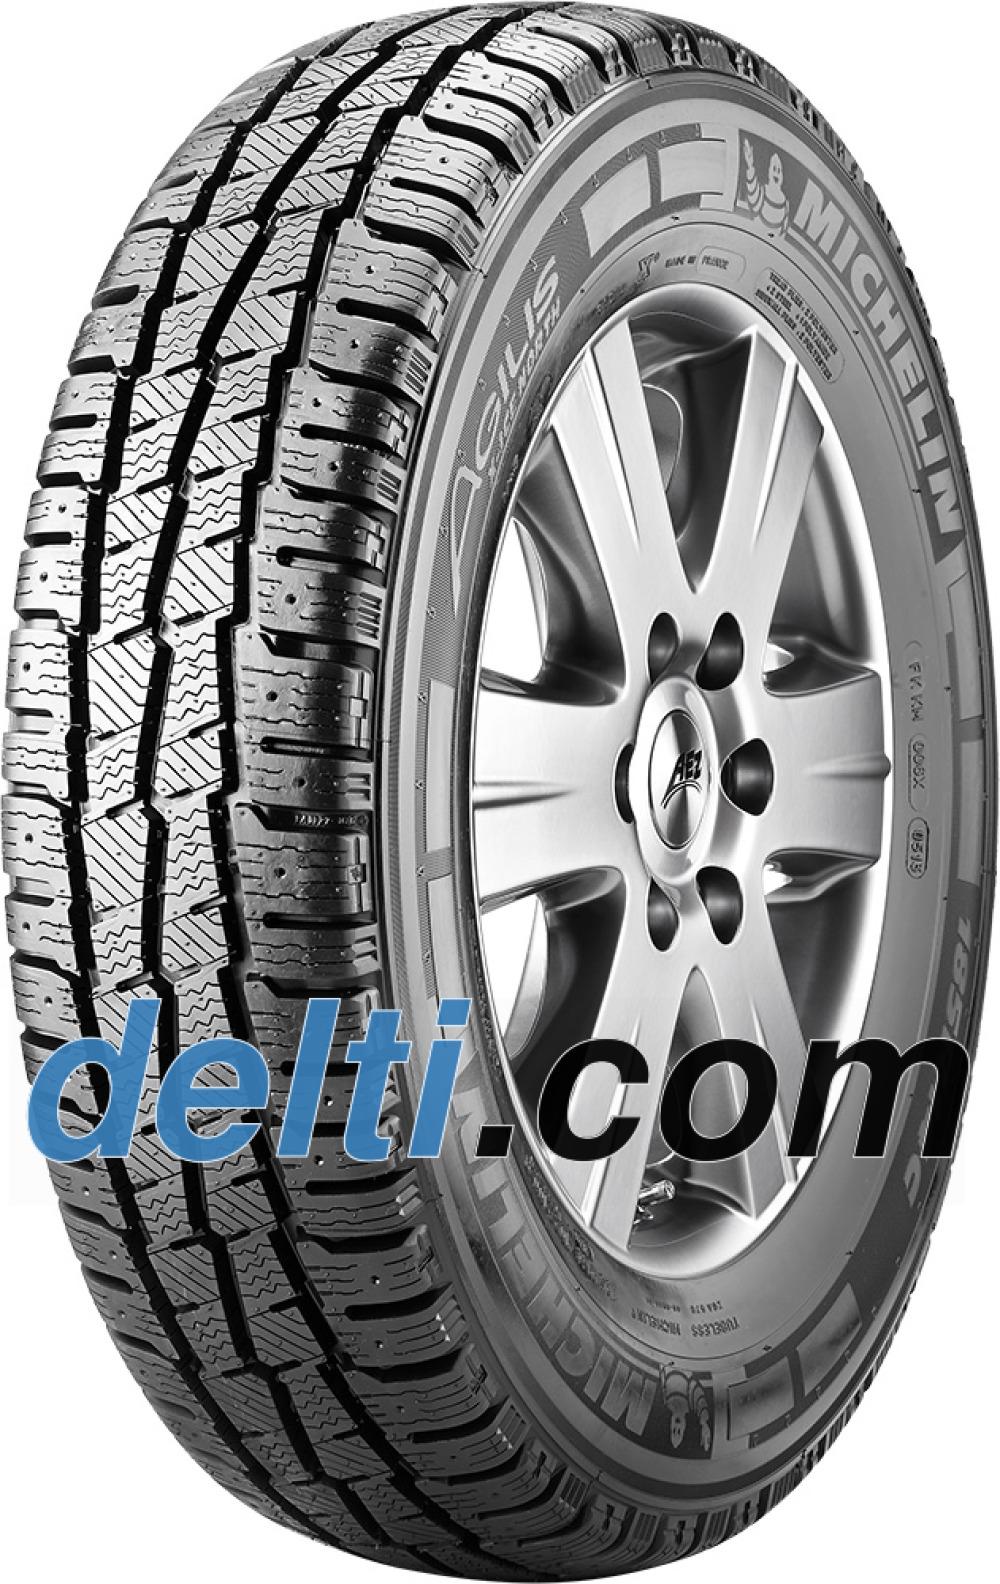 Michelin Agilis X-Ice North ( 215/60 R17C 104/102H pneumatico chiodato )